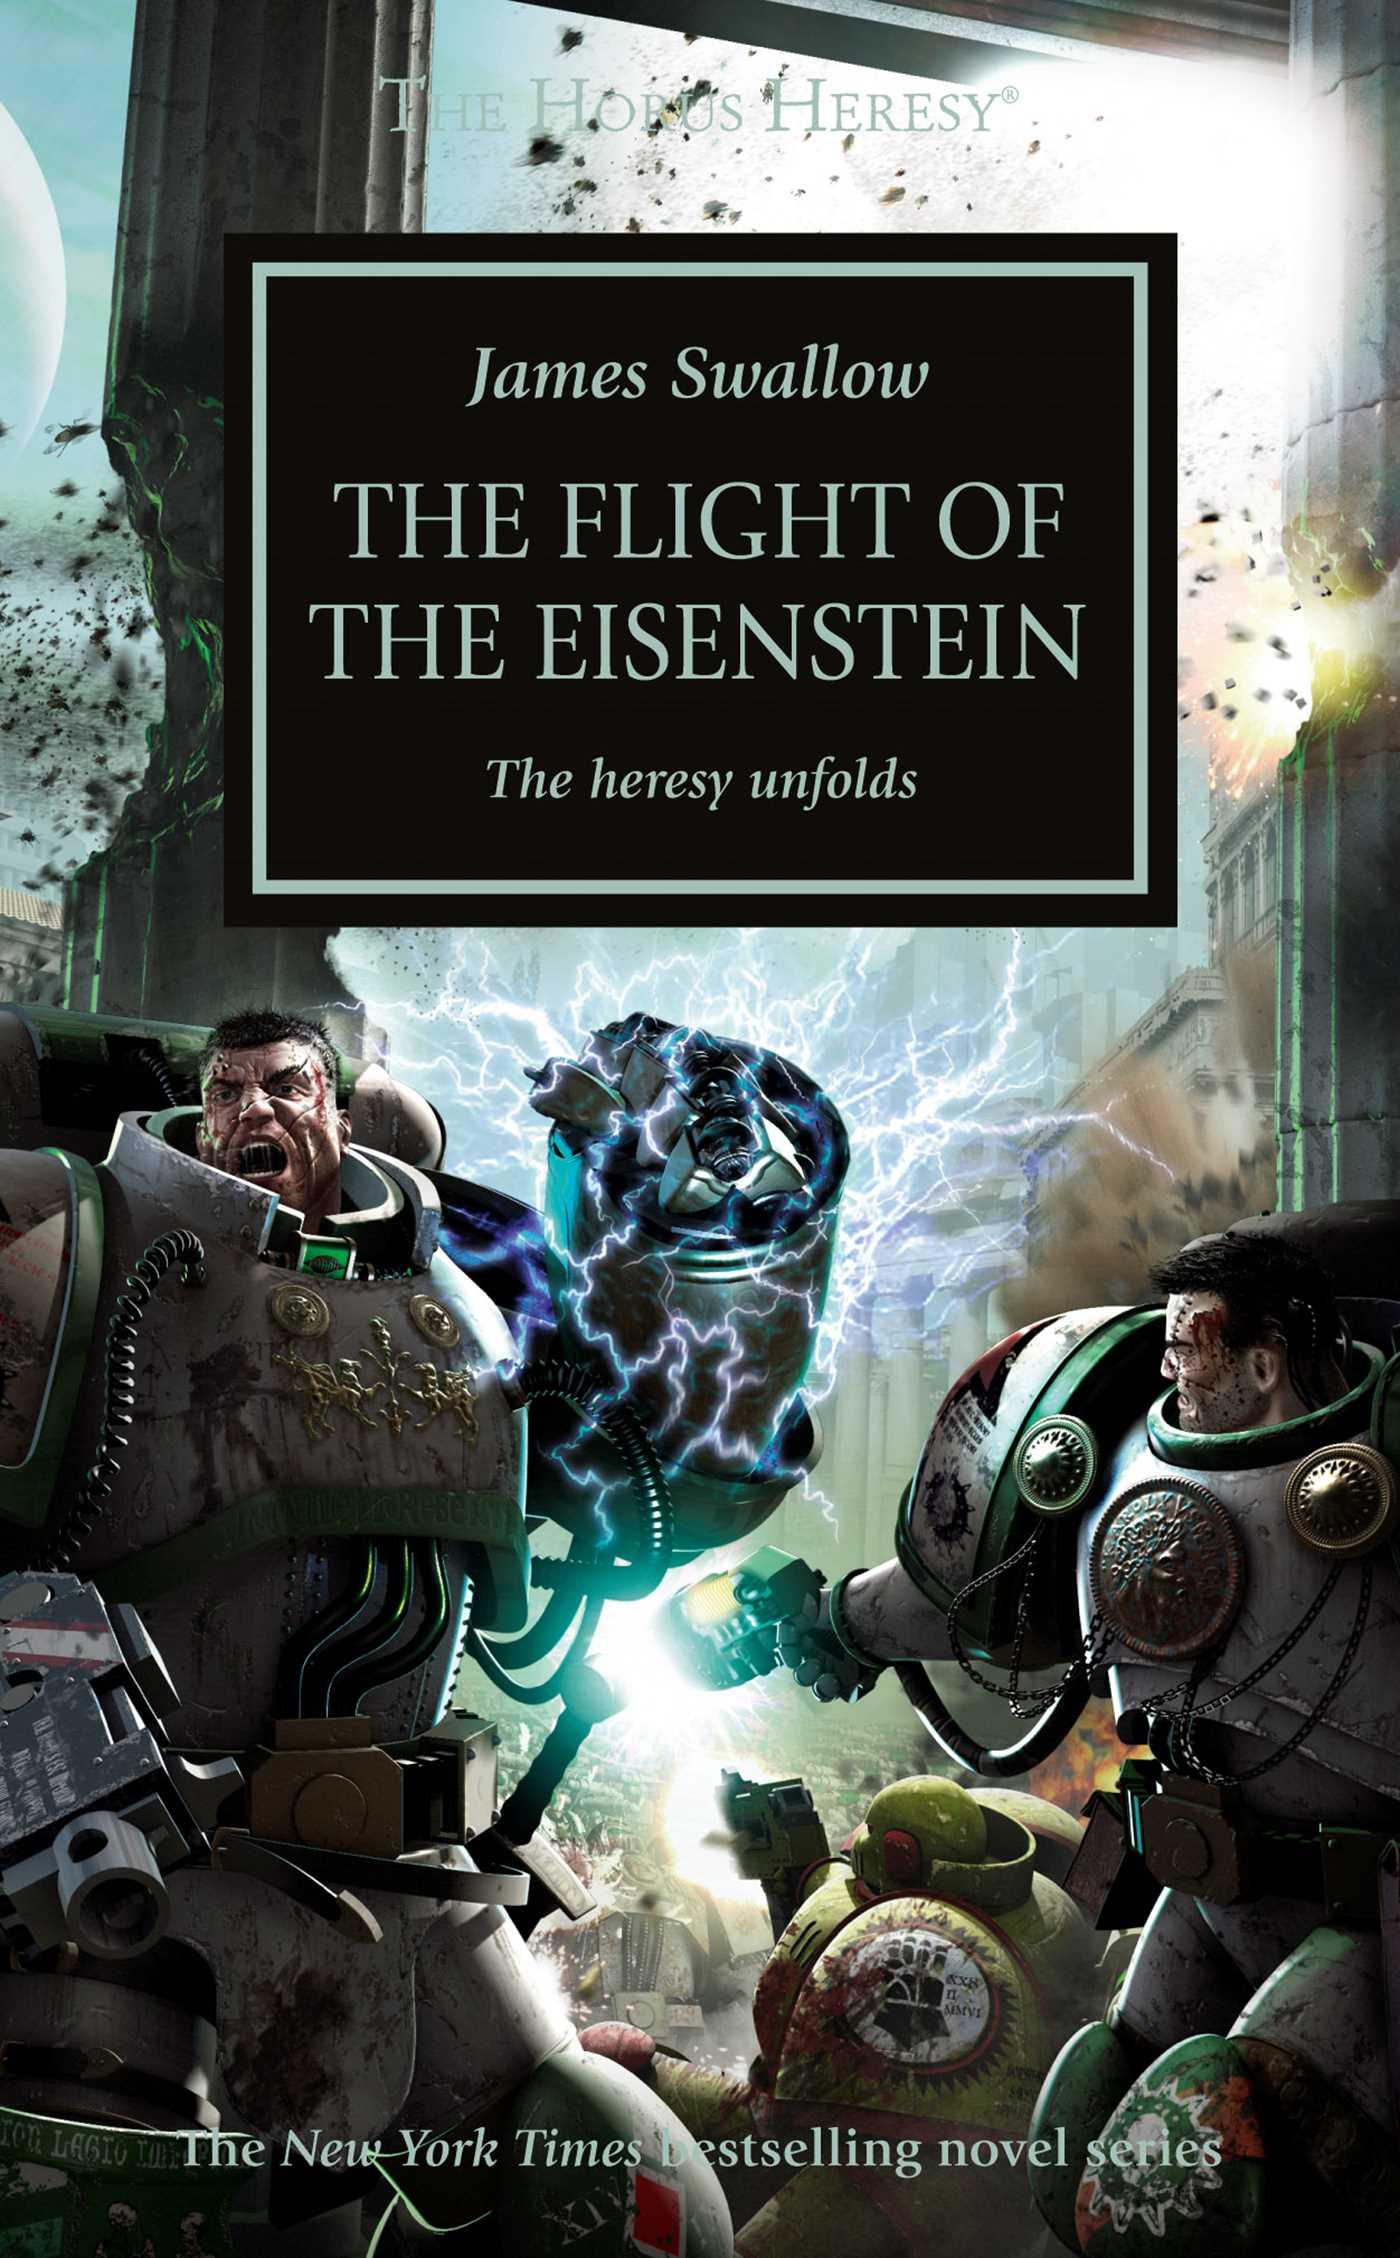 Flight of the eisenstein 9781849708128 hr